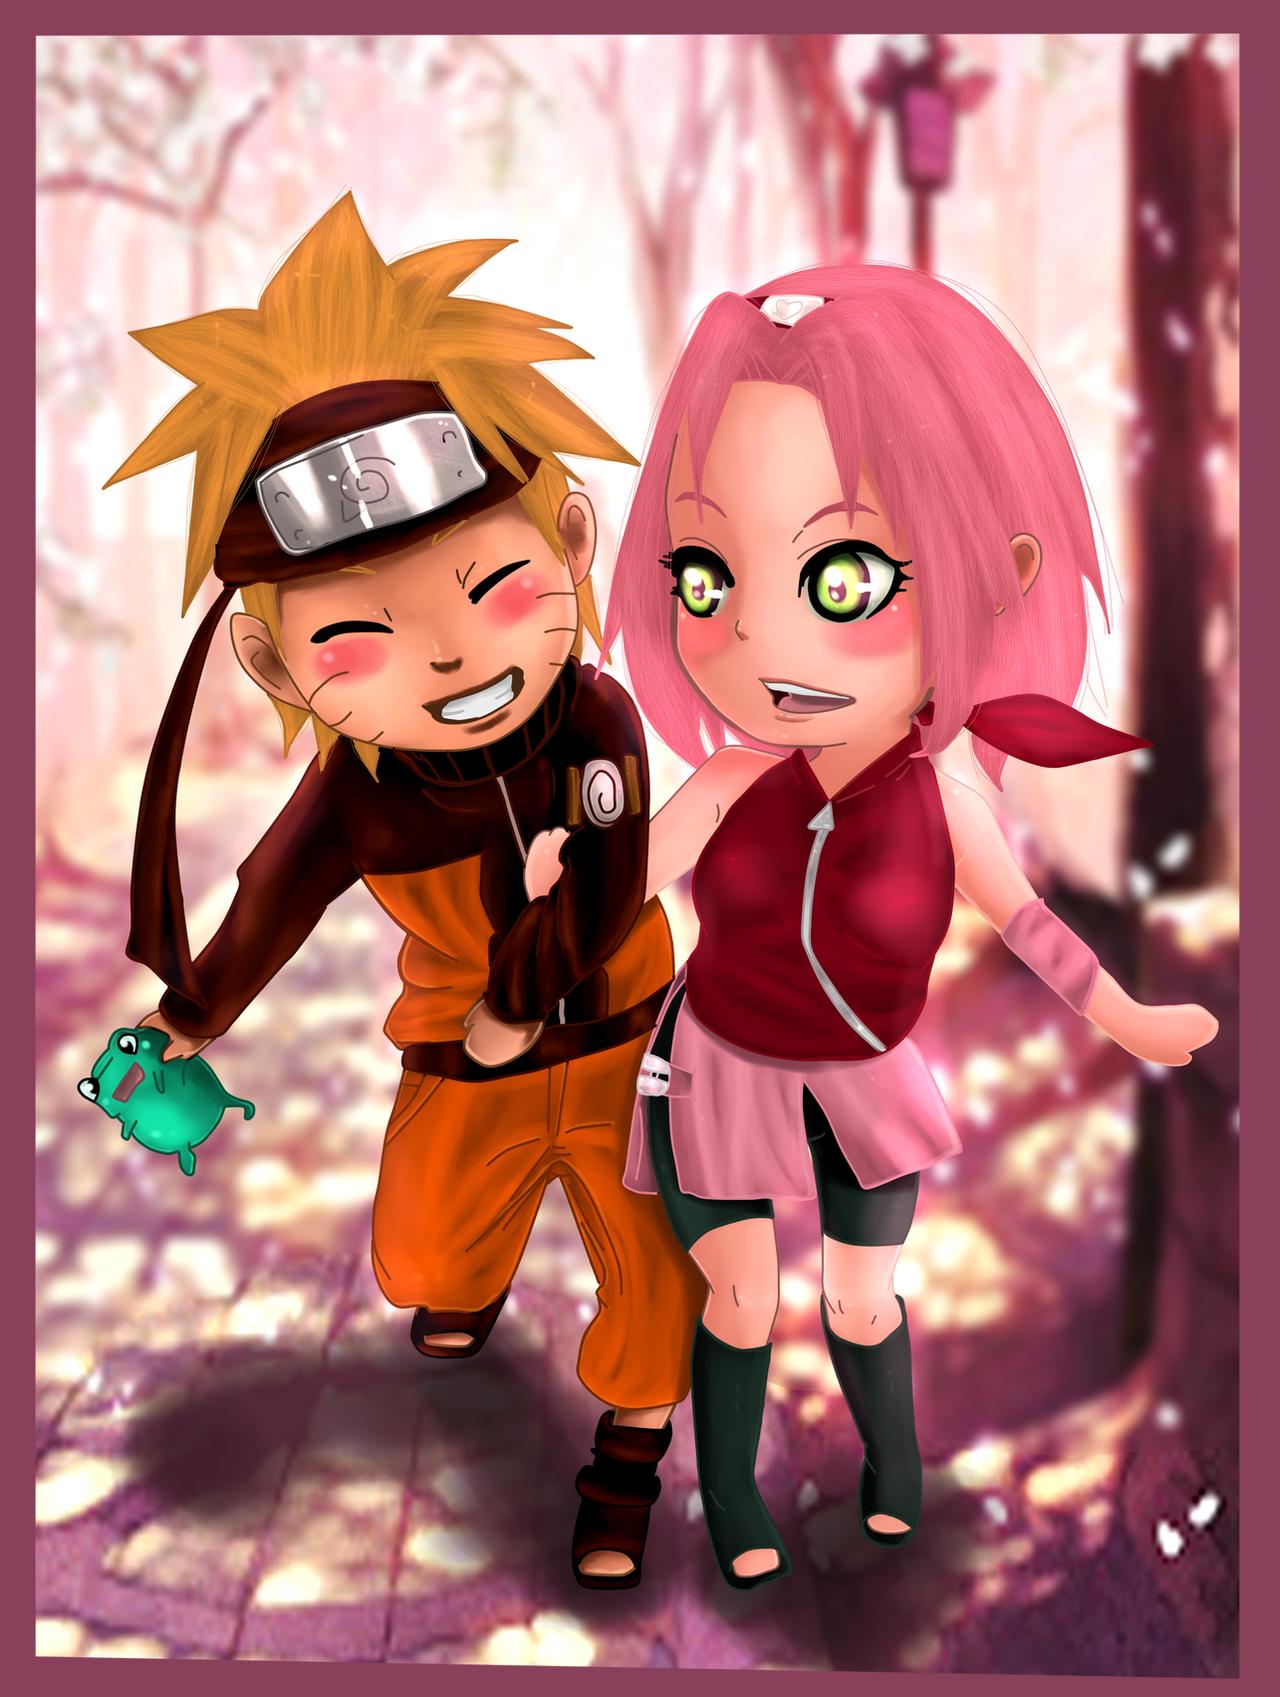 Naruto dating sim free online game